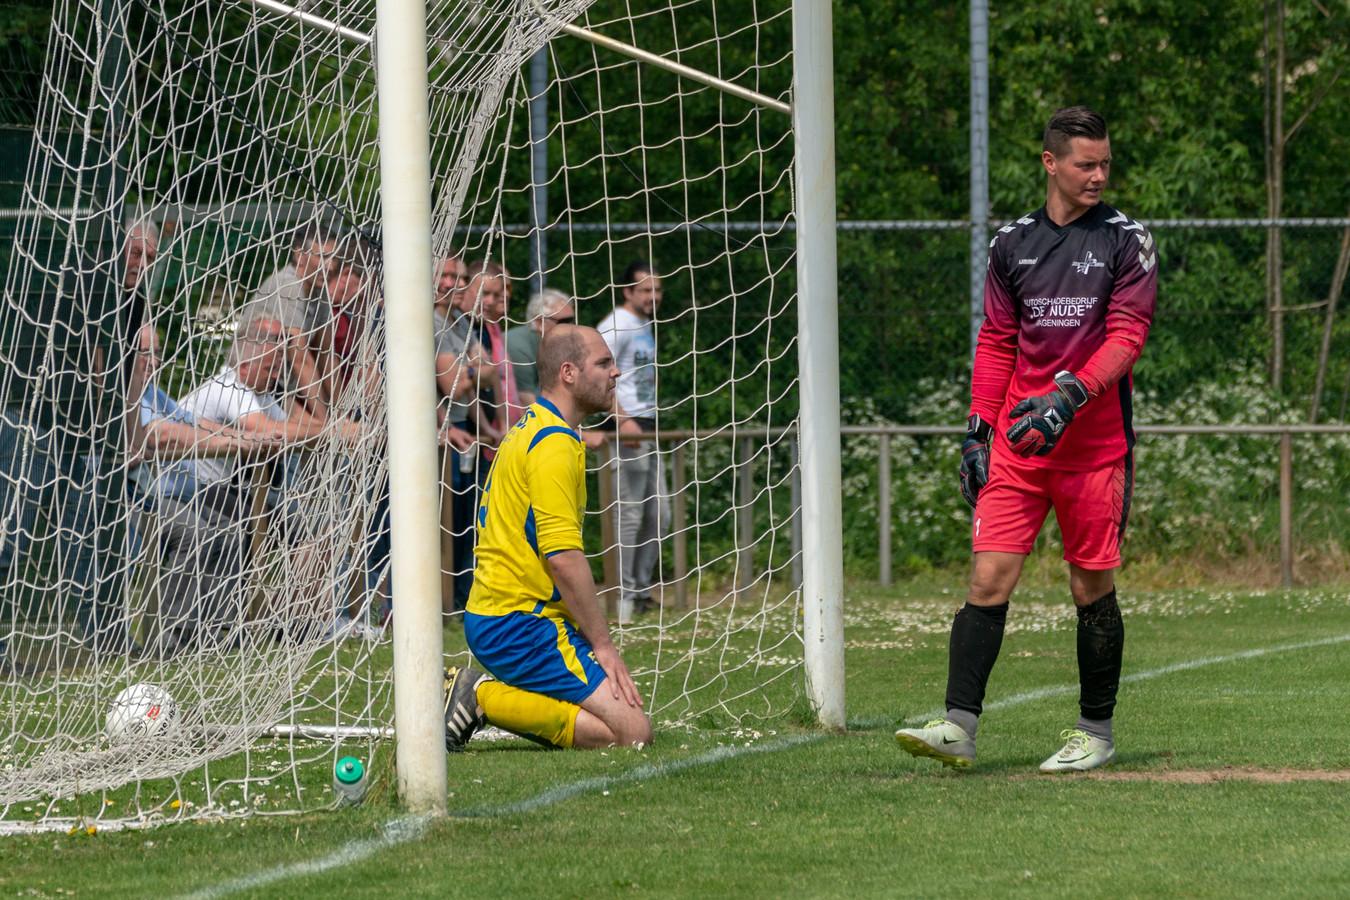 Treurnis bij Robert van Welie en toenmalig doelman Tom Jansen van EMM na de zoveelste tegentreffer in het duel met Excelsior Zetten.